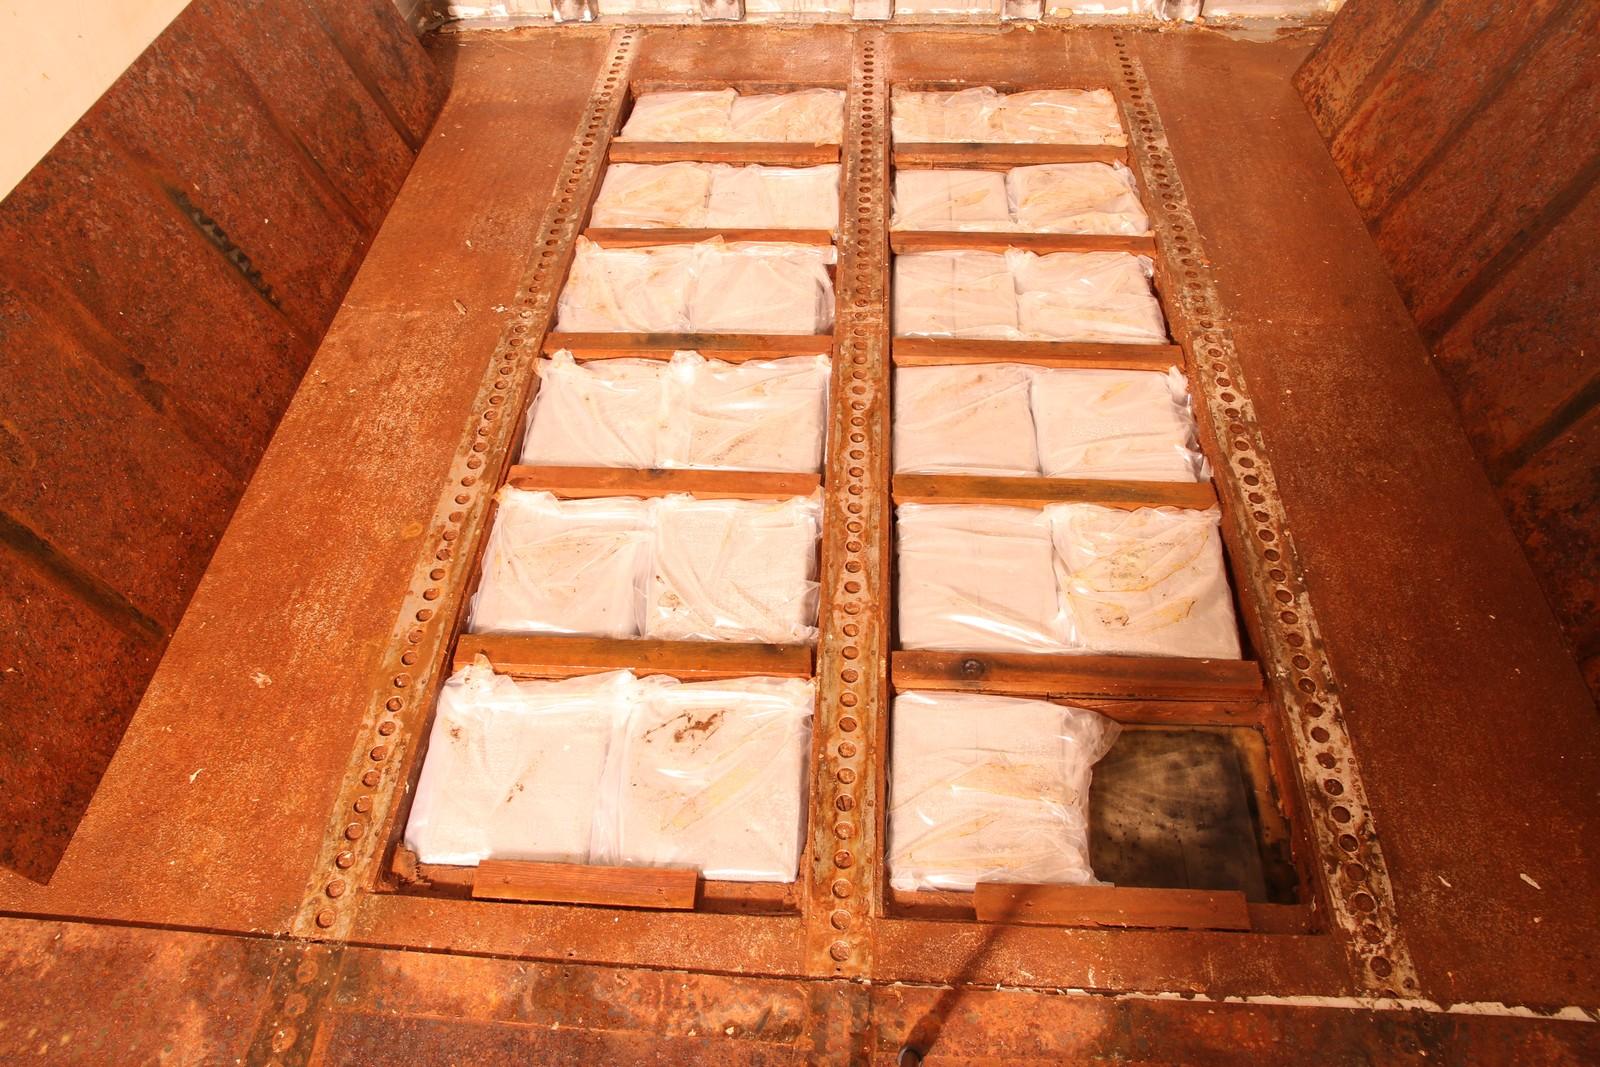 I september 2014 finner politiet 100 kg hash i egne tilpassede skjulte hulrom under dobbelt stålgulv i en trailer som var på vei fra Nederland.